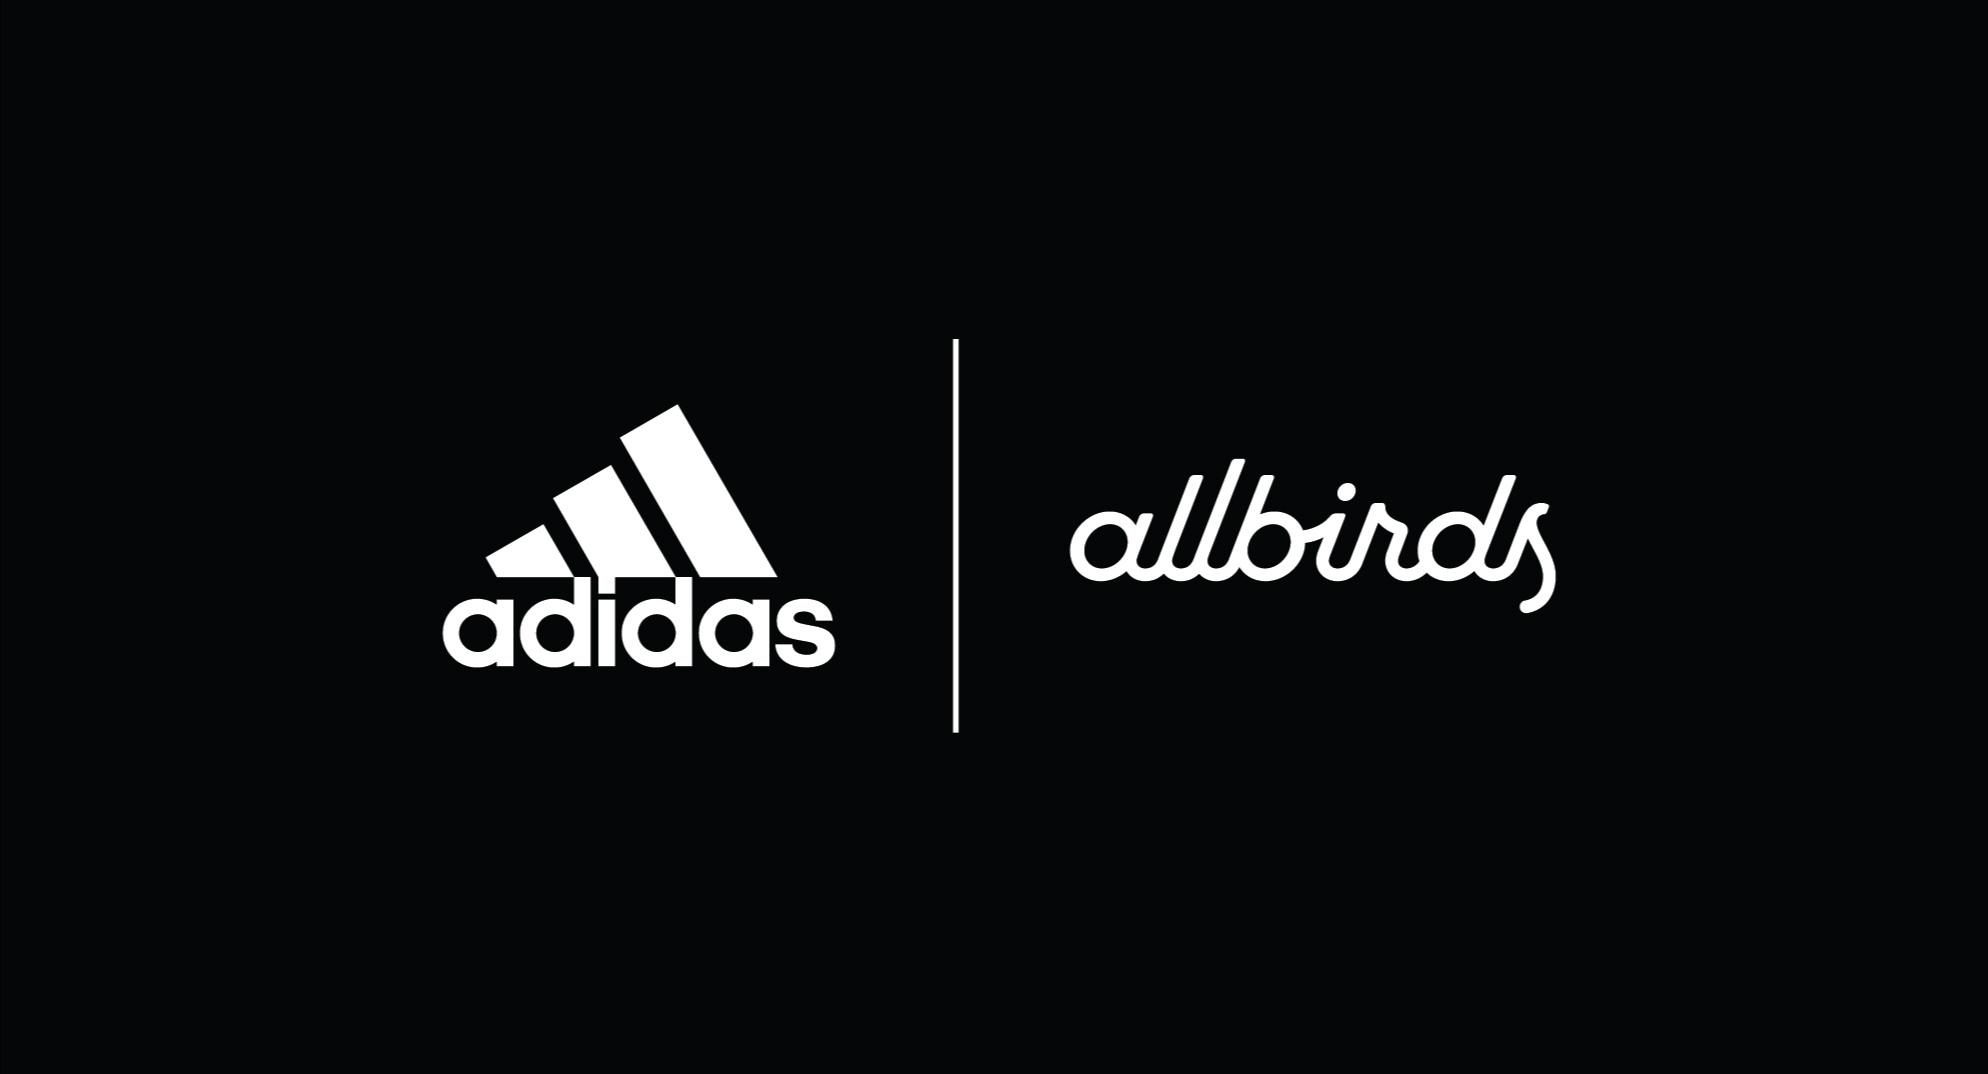 Allbirds 和 adidas 达成战略合作,想要共同推动鞋服行业减少碳足迹